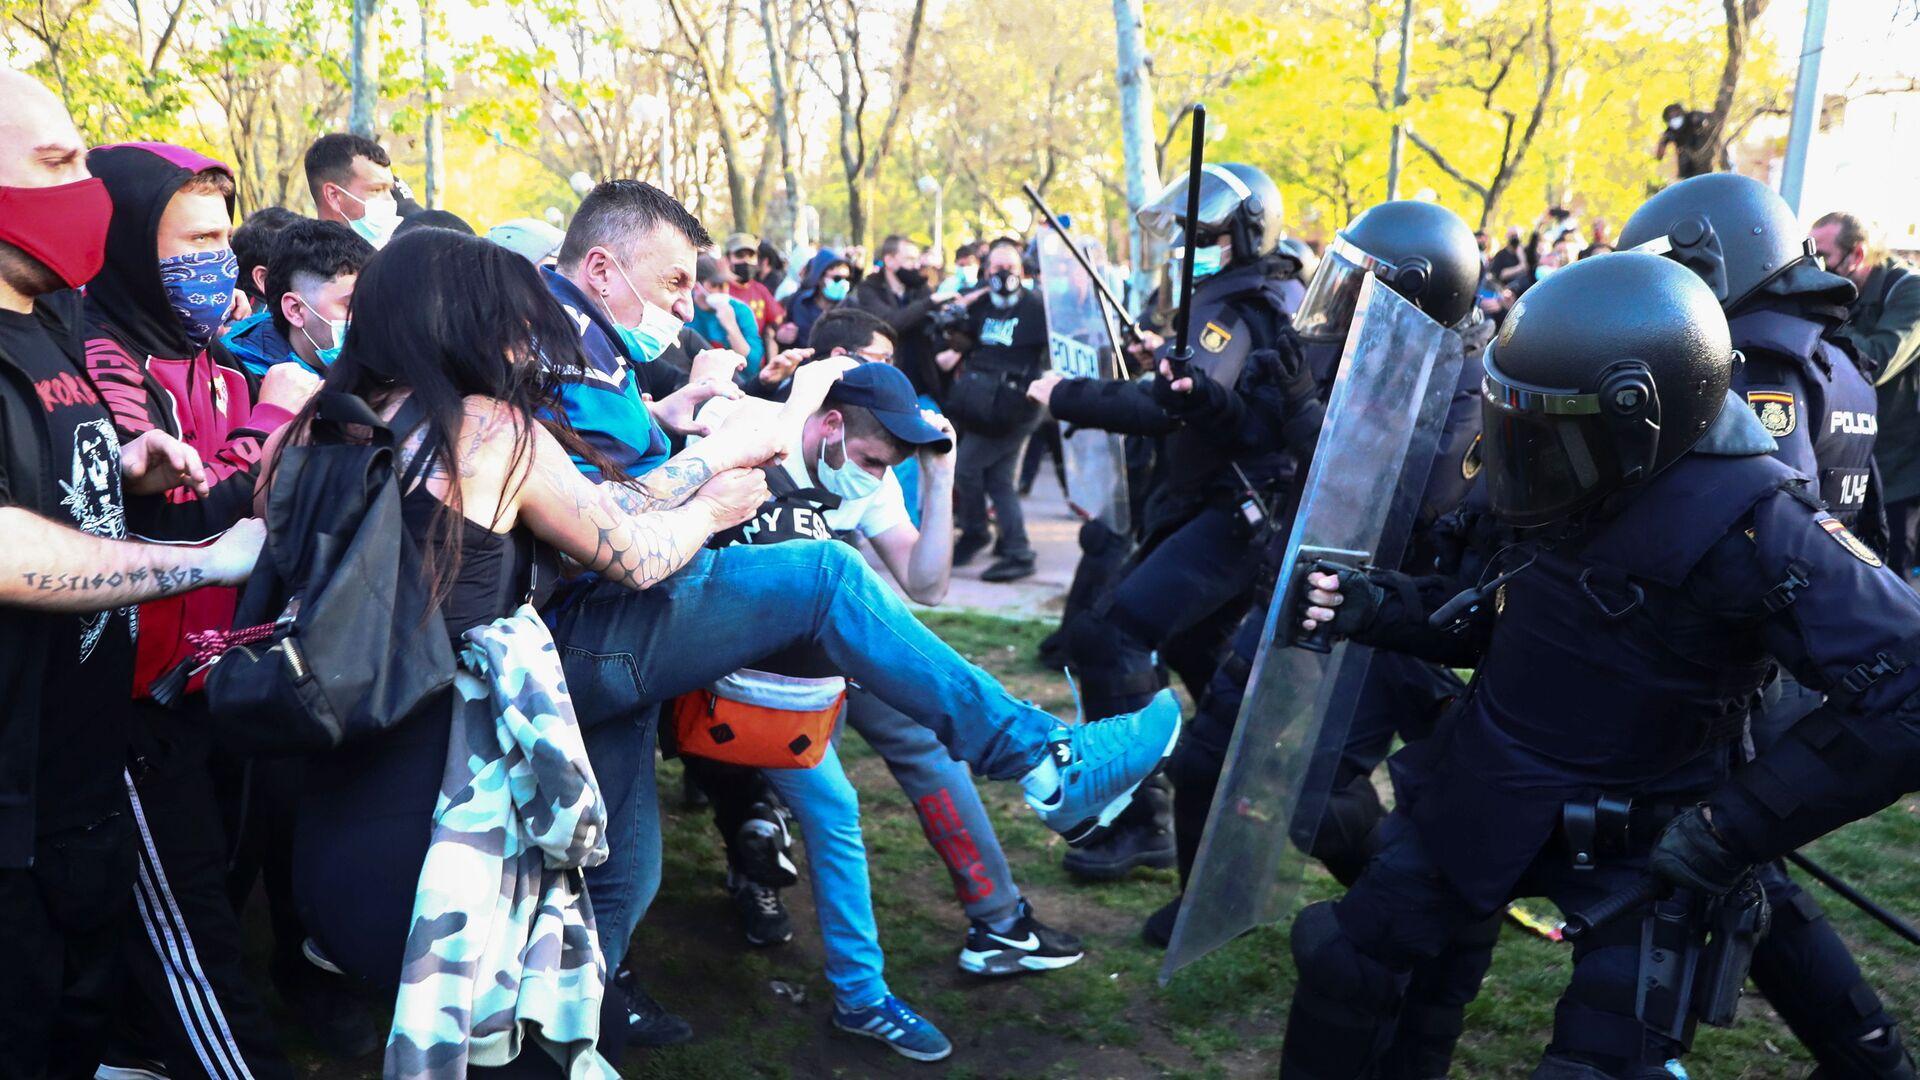 Столкновения между протестующими и полицией в Мадриде  - Sputnik Mundo, 1920, 08.04.2021